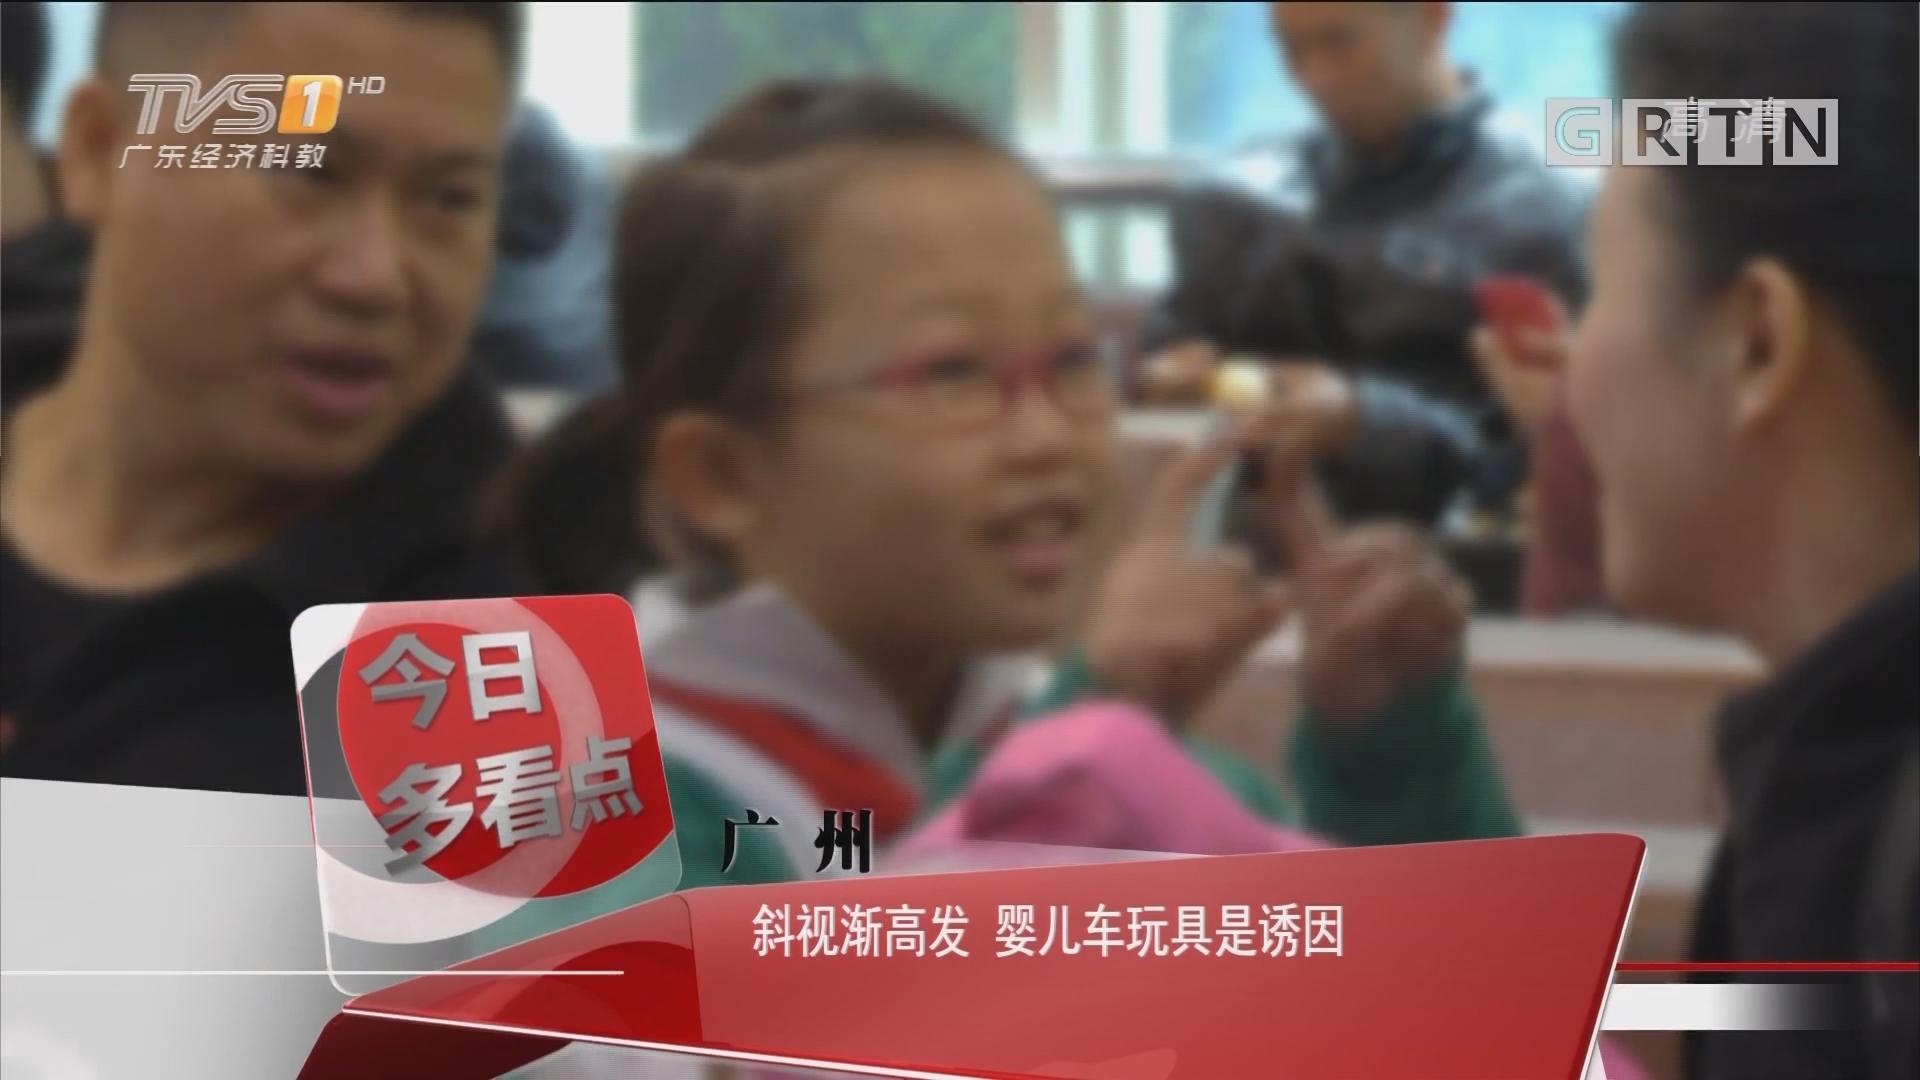 广州:斜视渐高发 婴儿车玩具是诱因